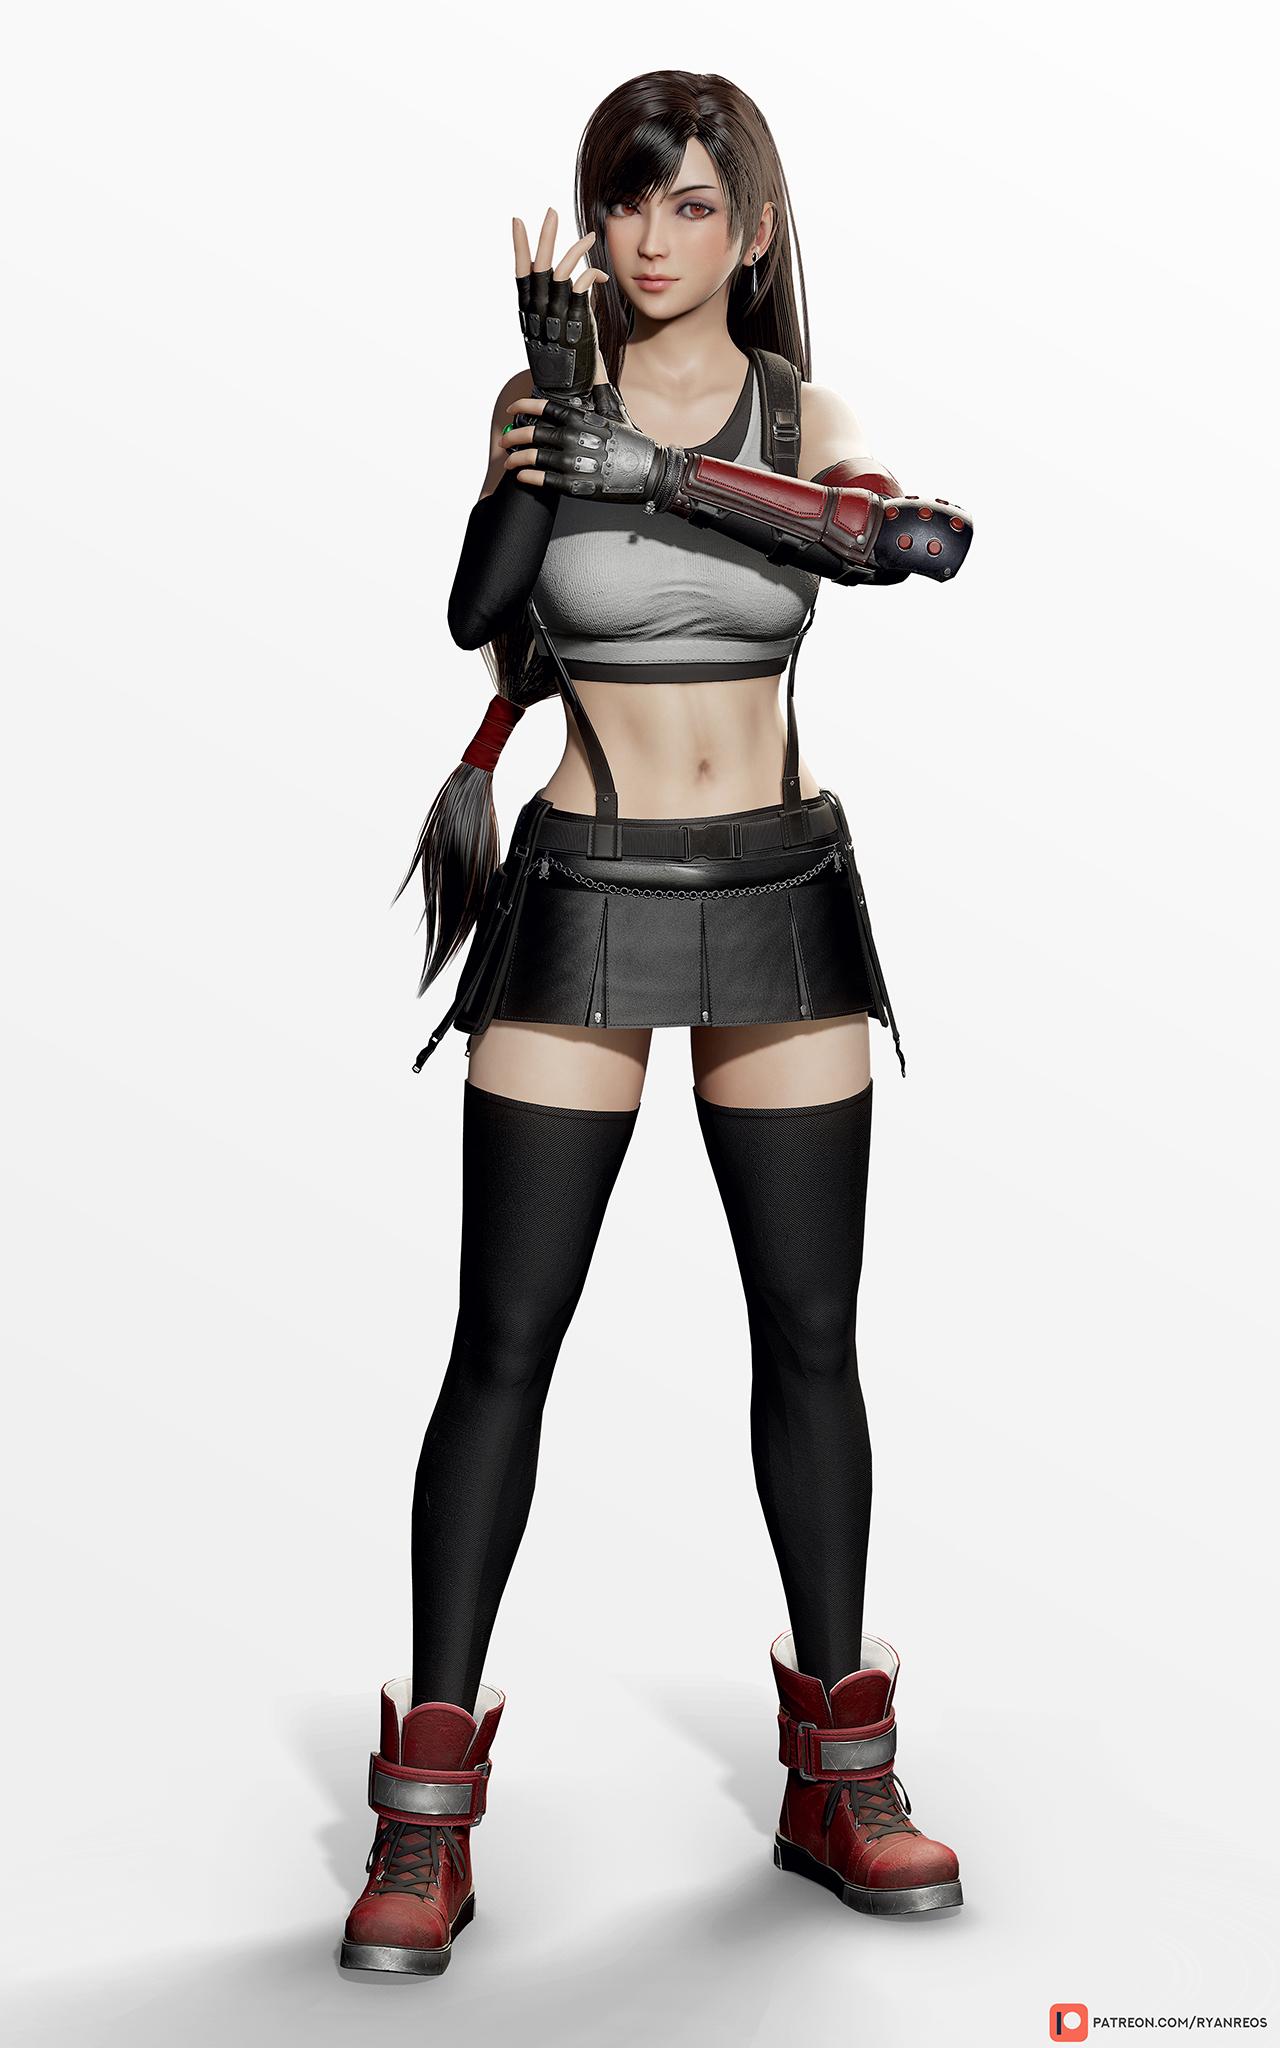 Tifa Lockhart Ff7r Full Body Render By Ryanreos On